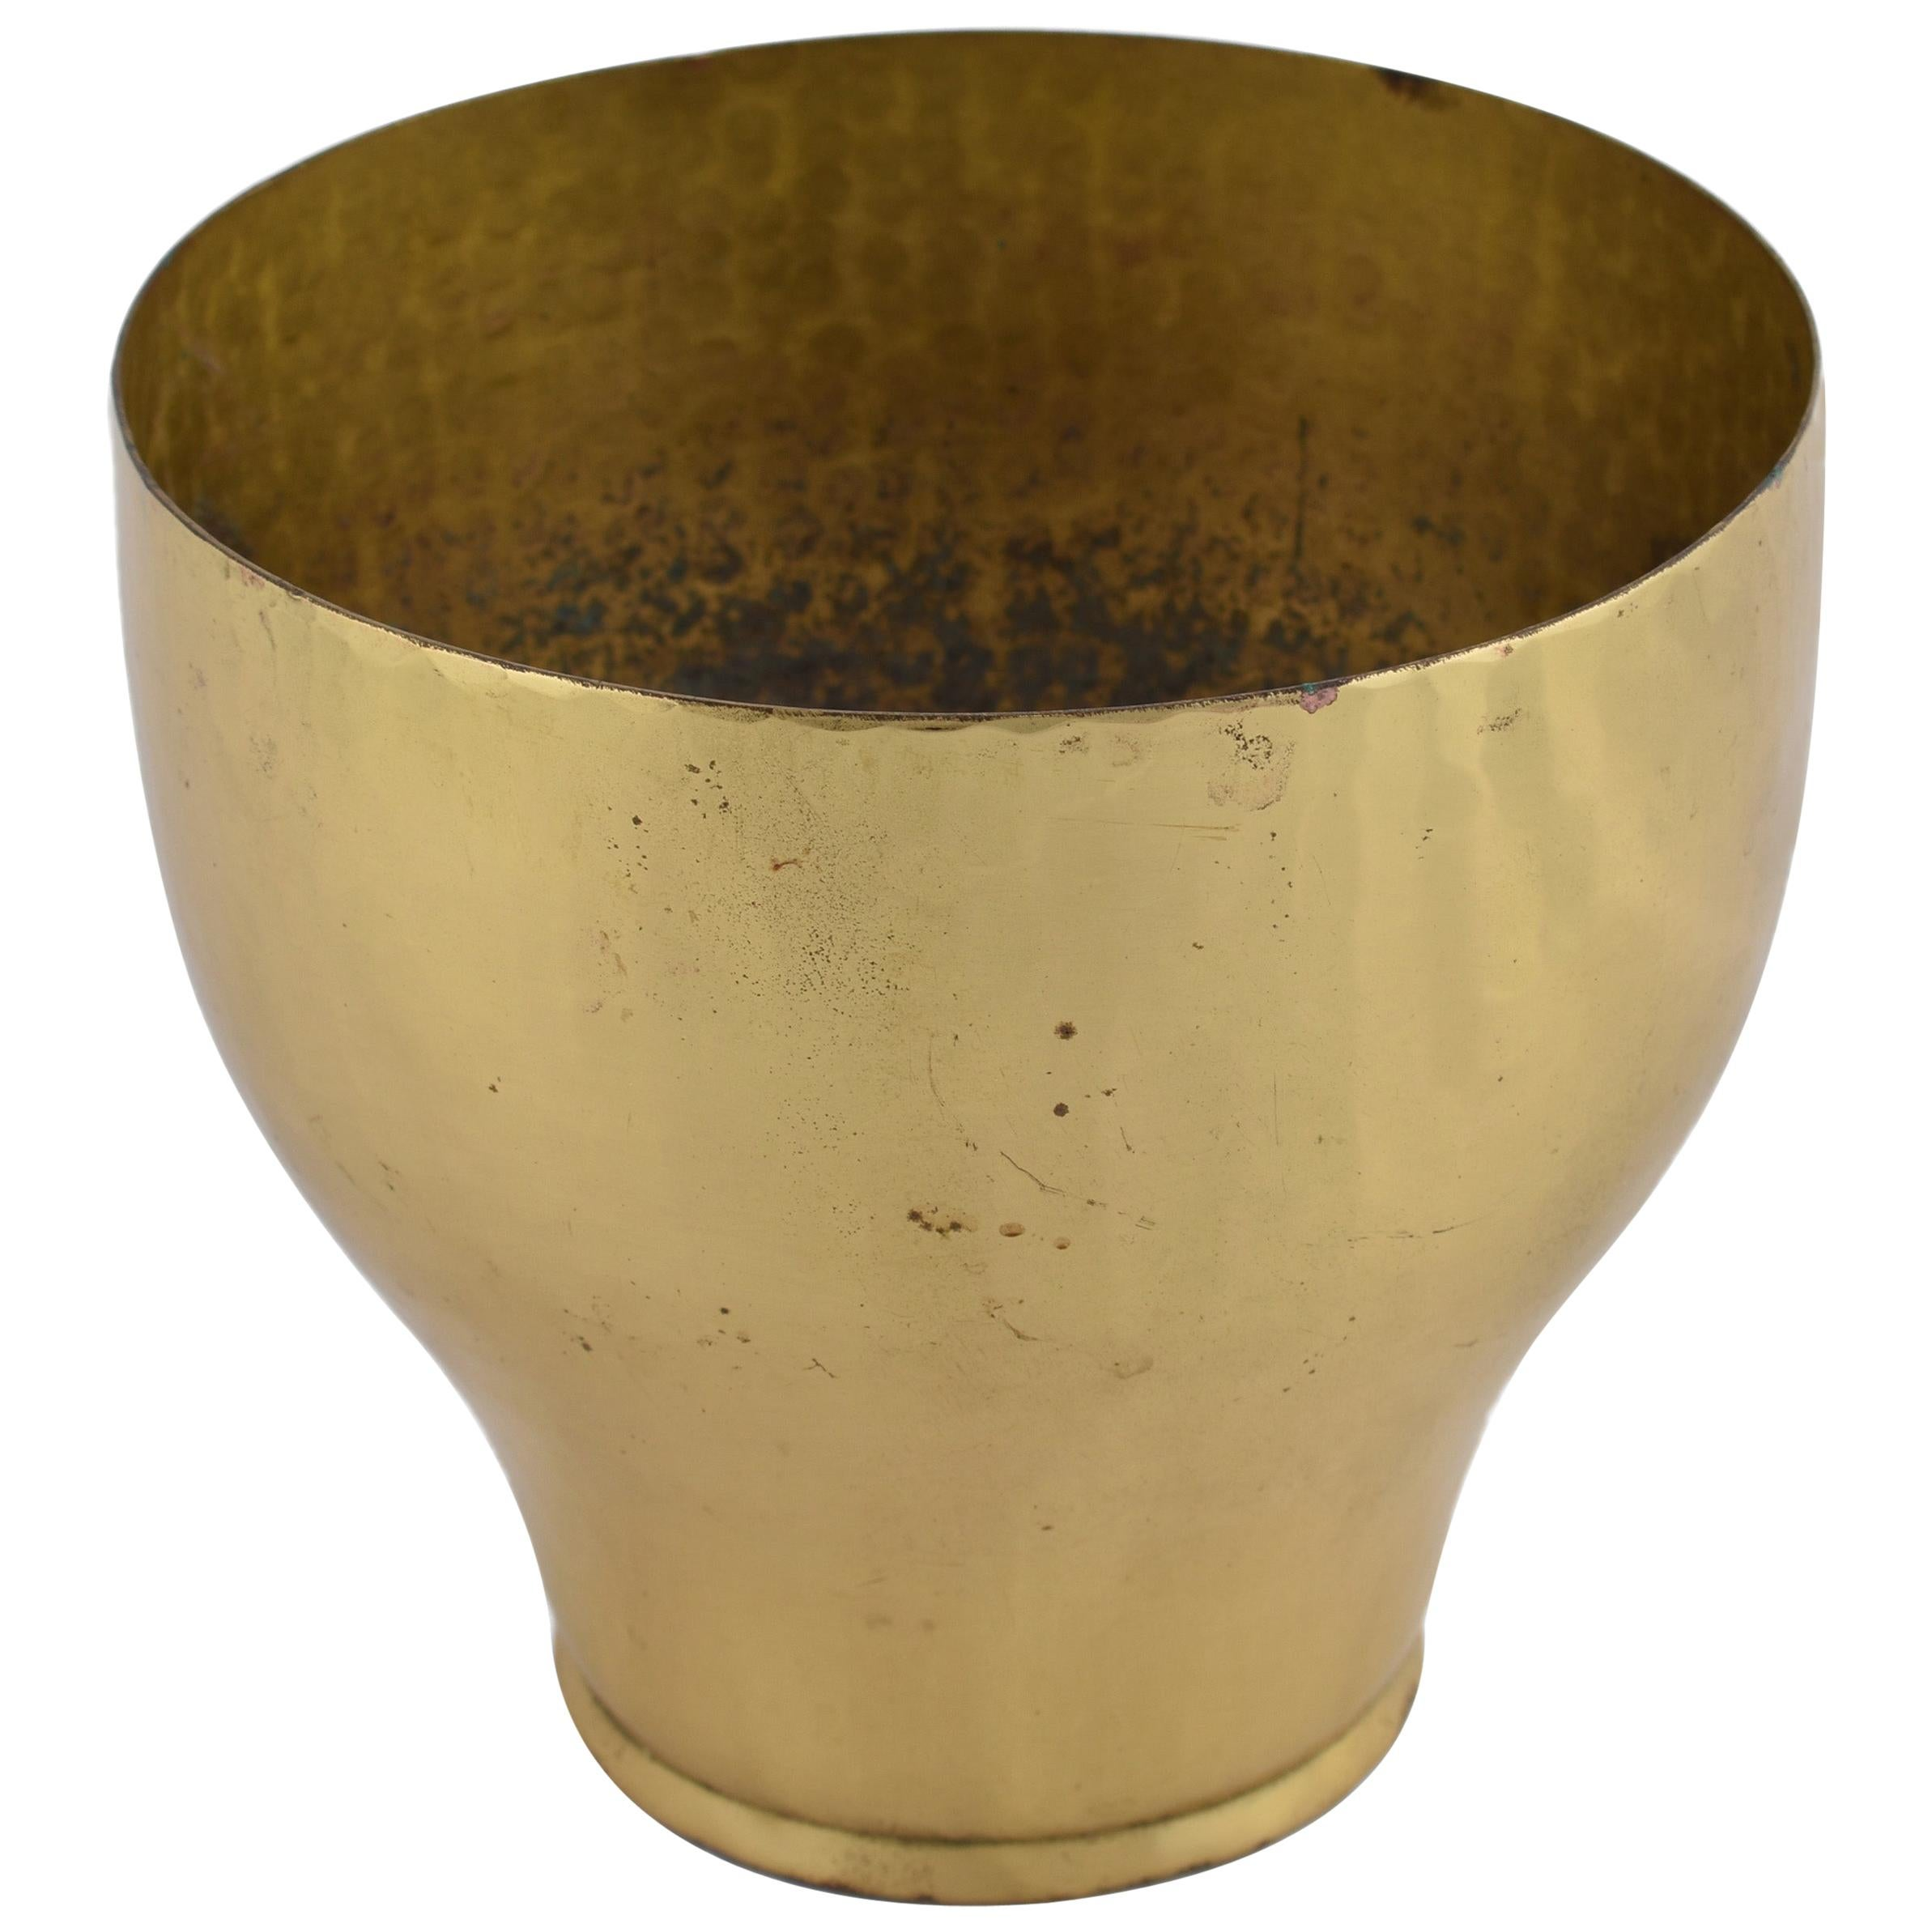 Vintage Brass Plant Pot by Eugen Zint, Germany, 1950s